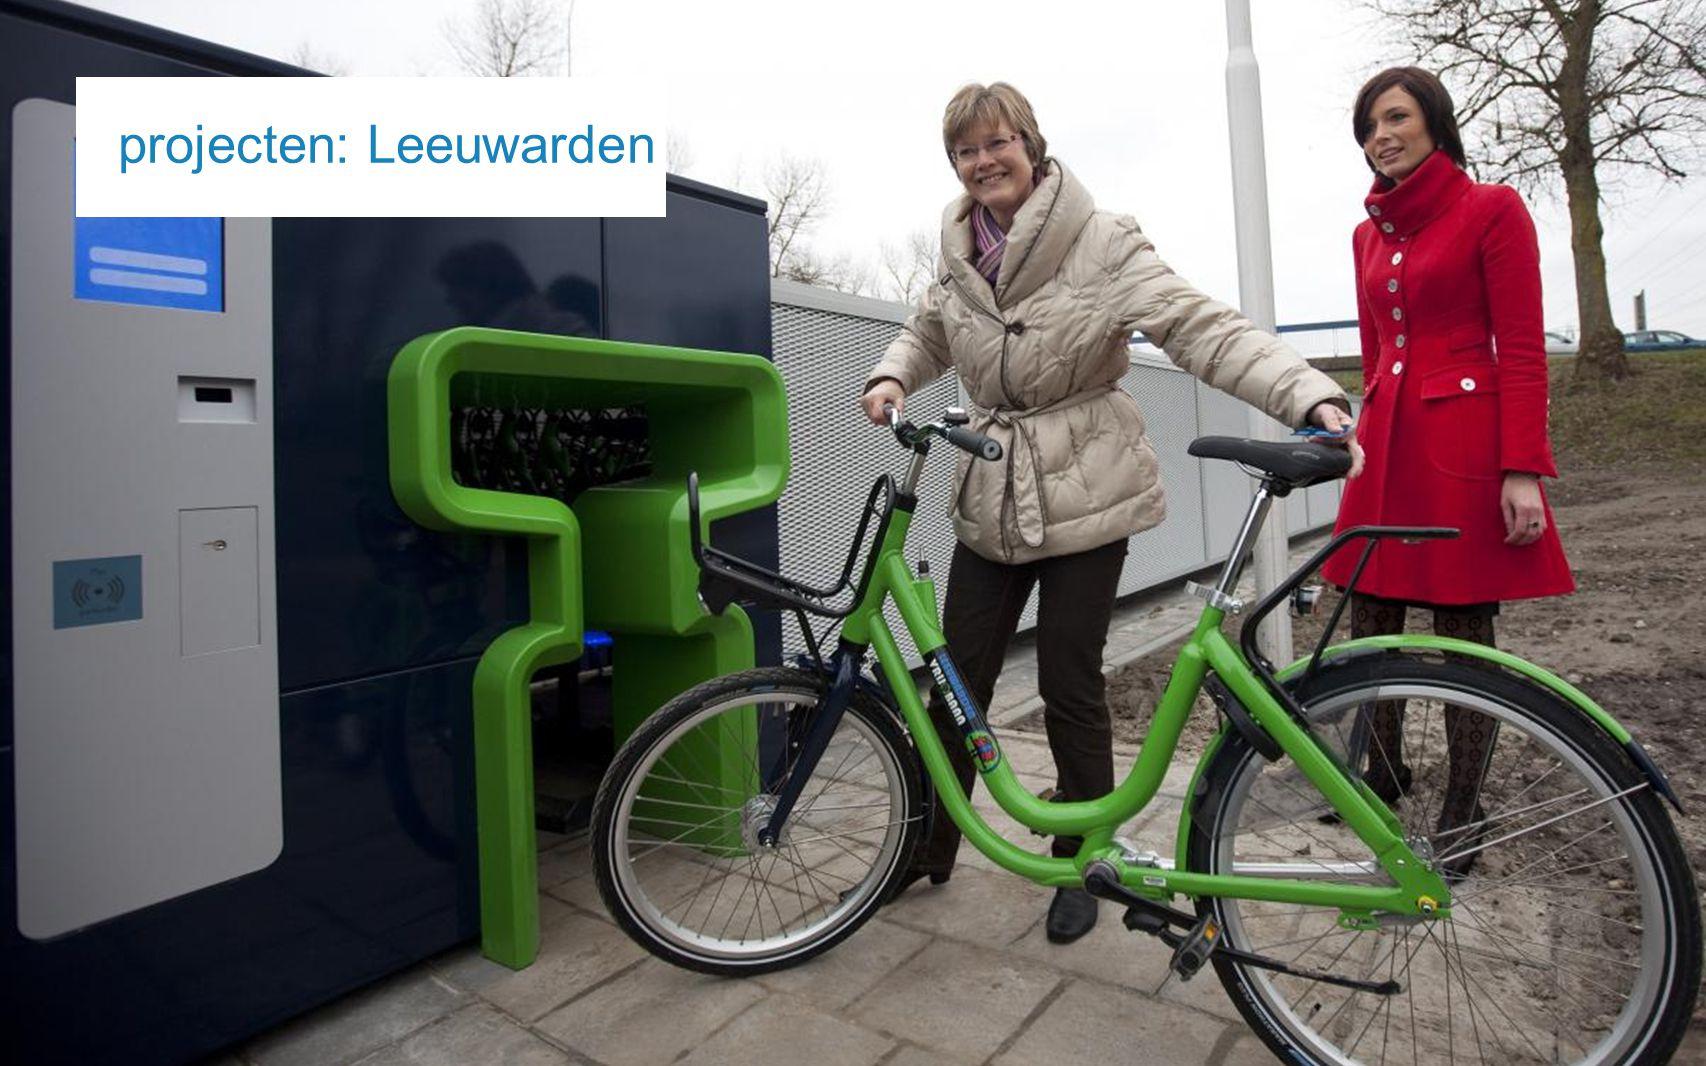 projecten: Leeuwarden